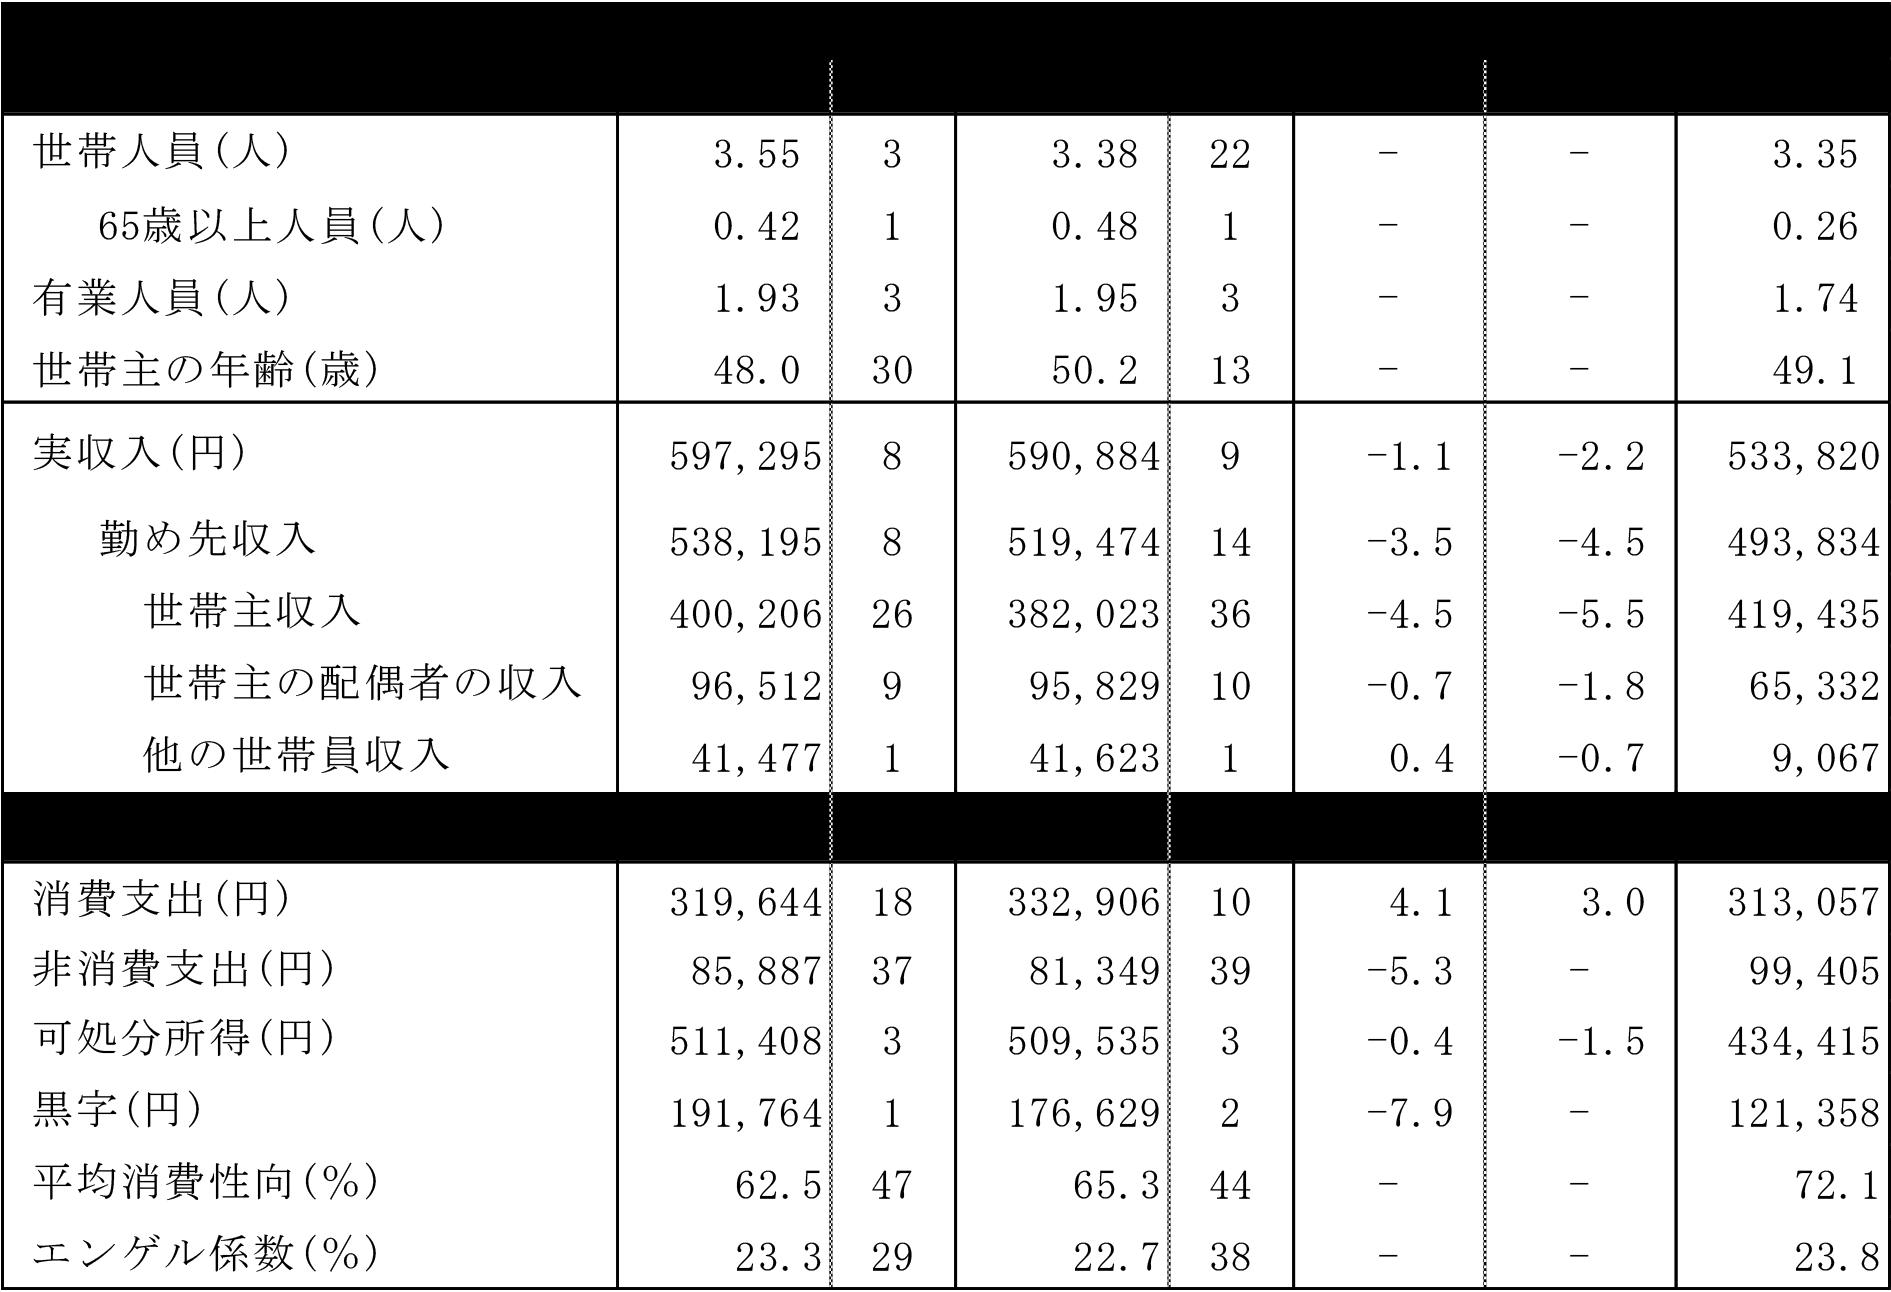 富山市の家計収支と内訳2017